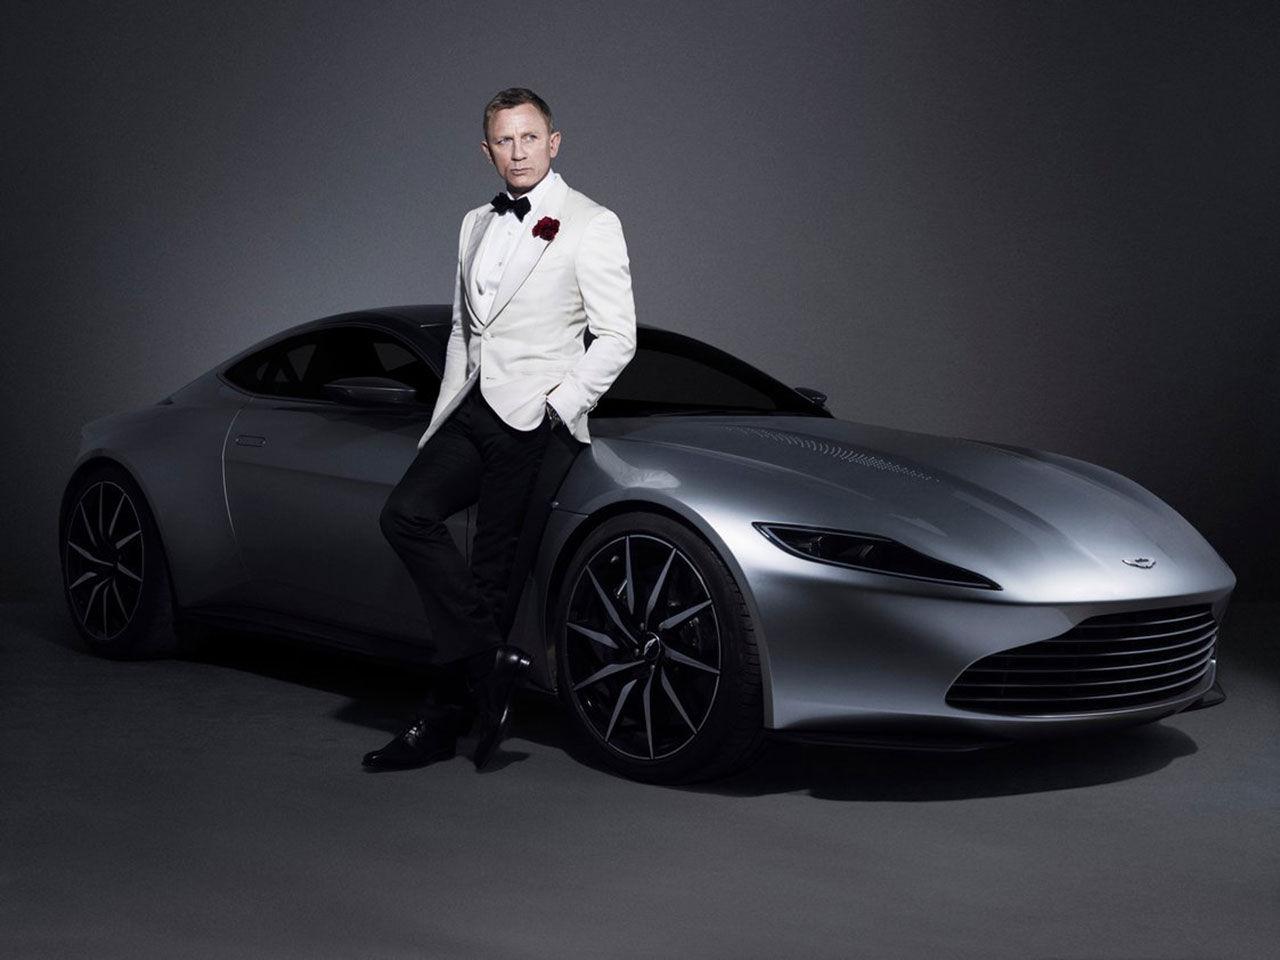 En Aston Martin DB10 gick för 2,4 miljoner pund